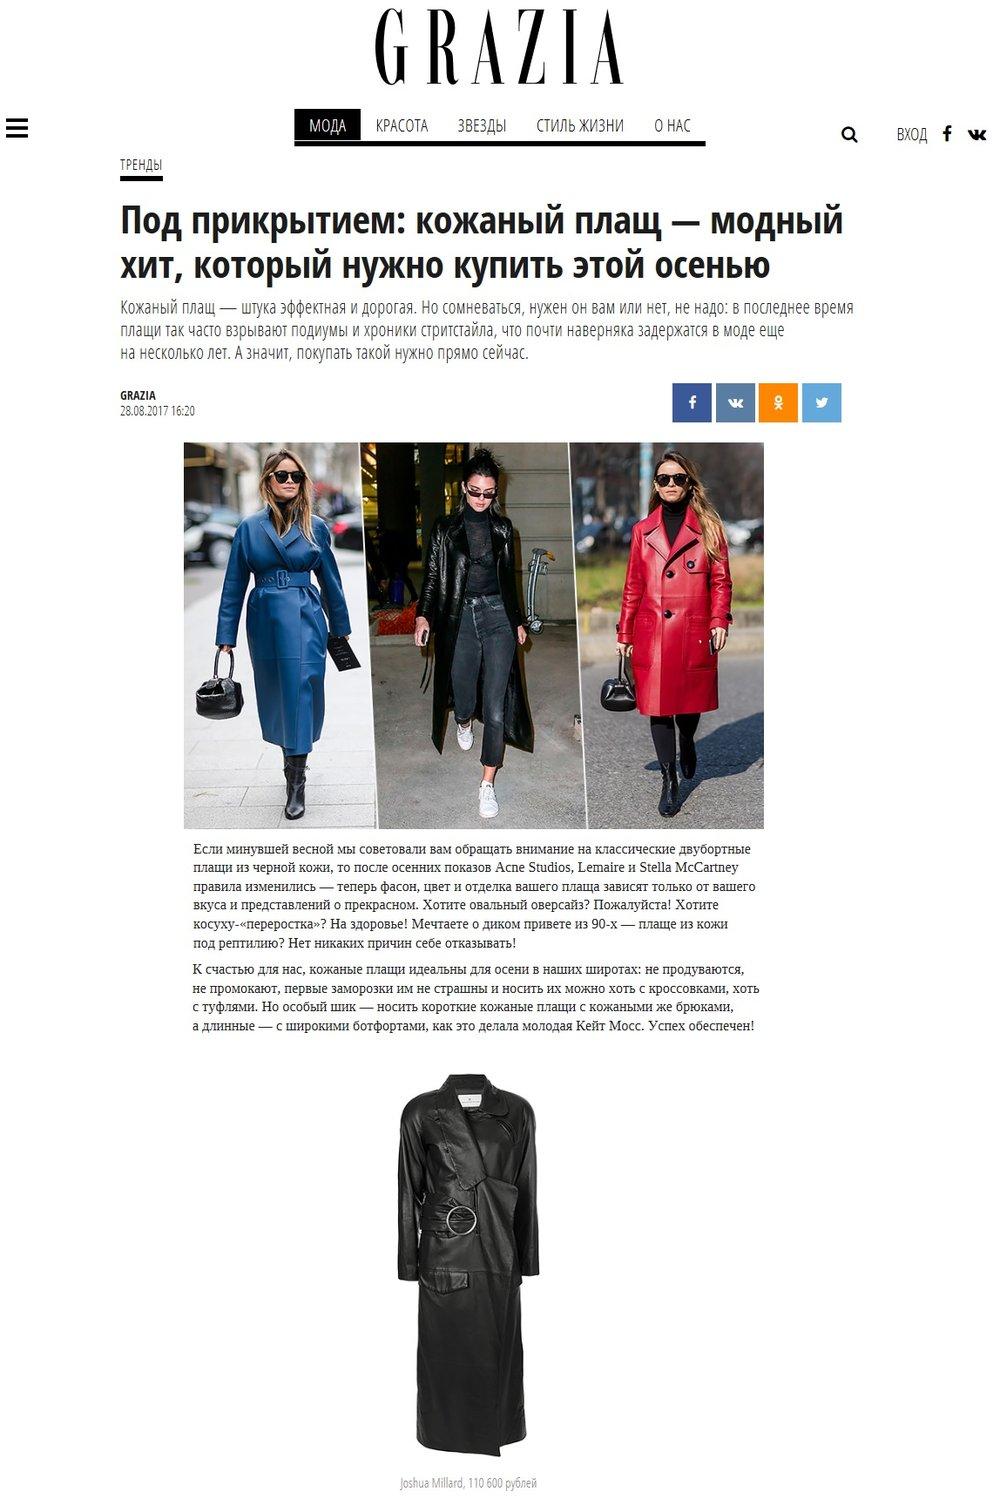 Coverage - Grazia Russia online - 29.08.17.jpg